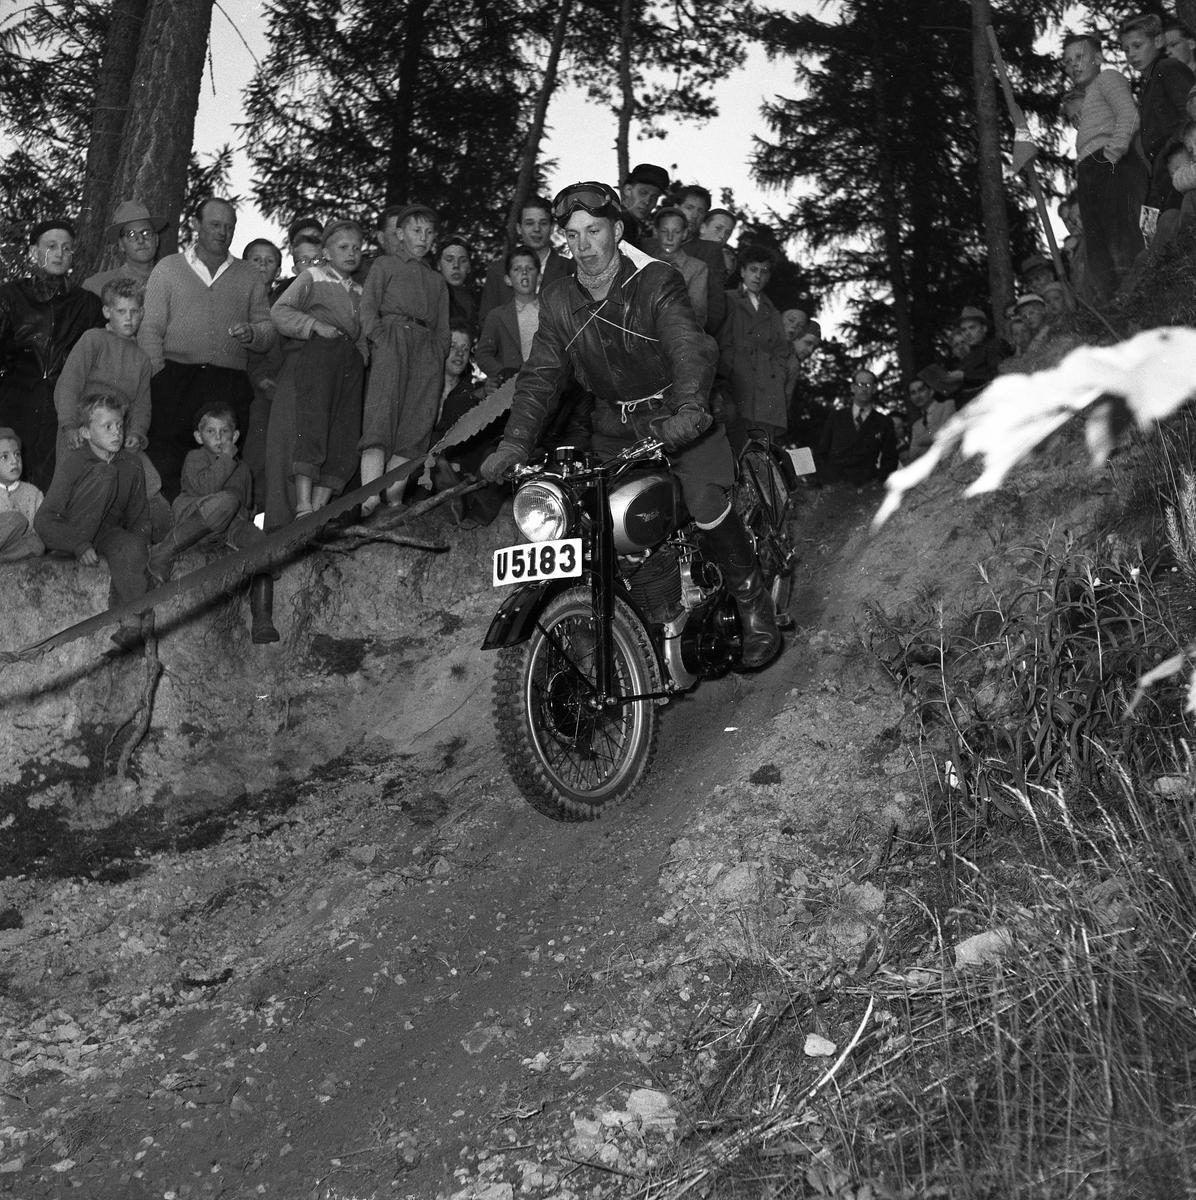 Arbogas Stjärnknutte Tävling. Man som kör motorcykel i terrräng, publiken står alldeles intill och ser på.